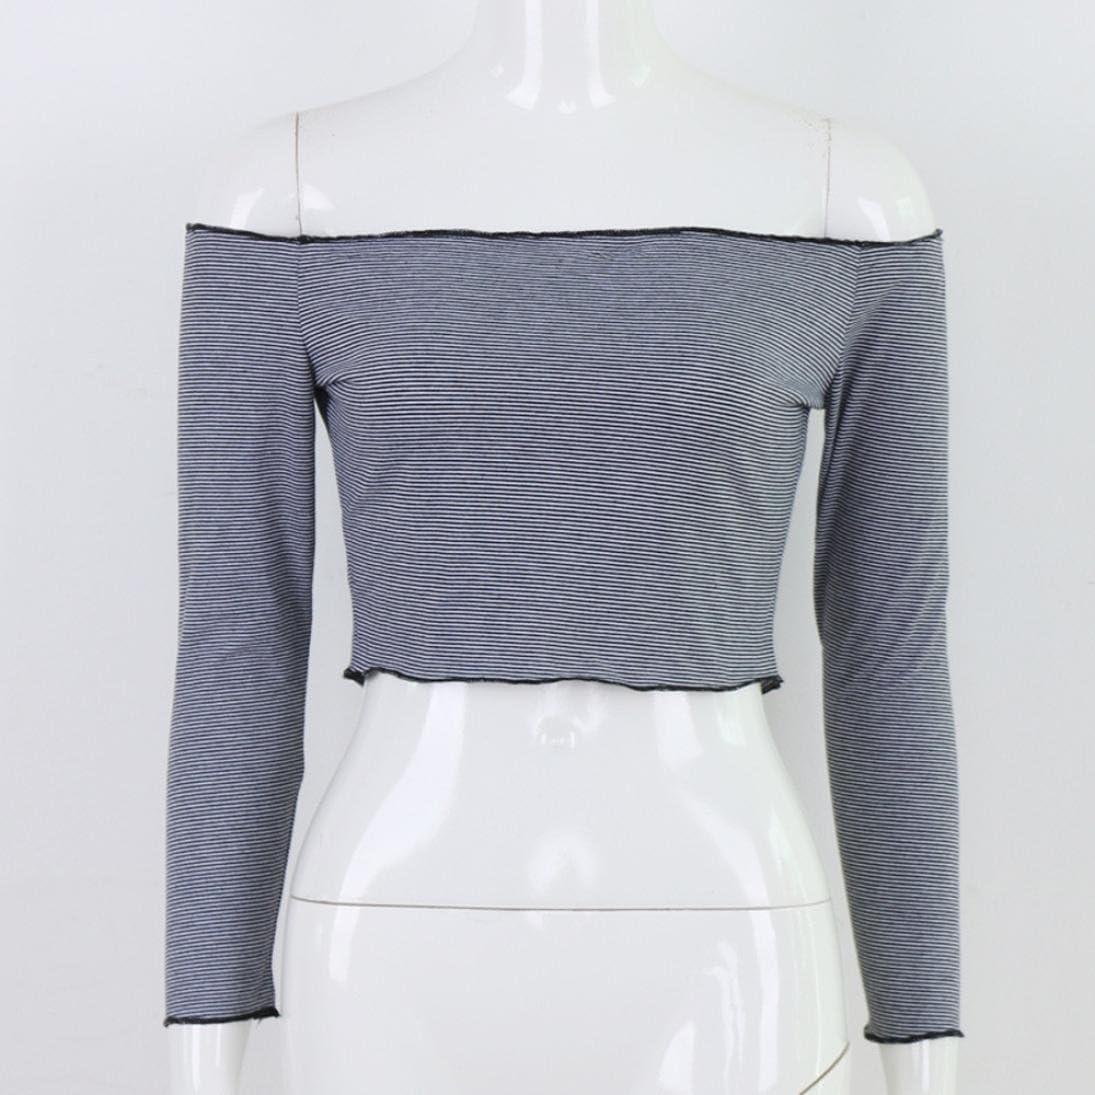 MORCHAN Femmes Hors /épaule /à Manches Longues /à Rayures L/âches Tops Casual Blouse T Shirt